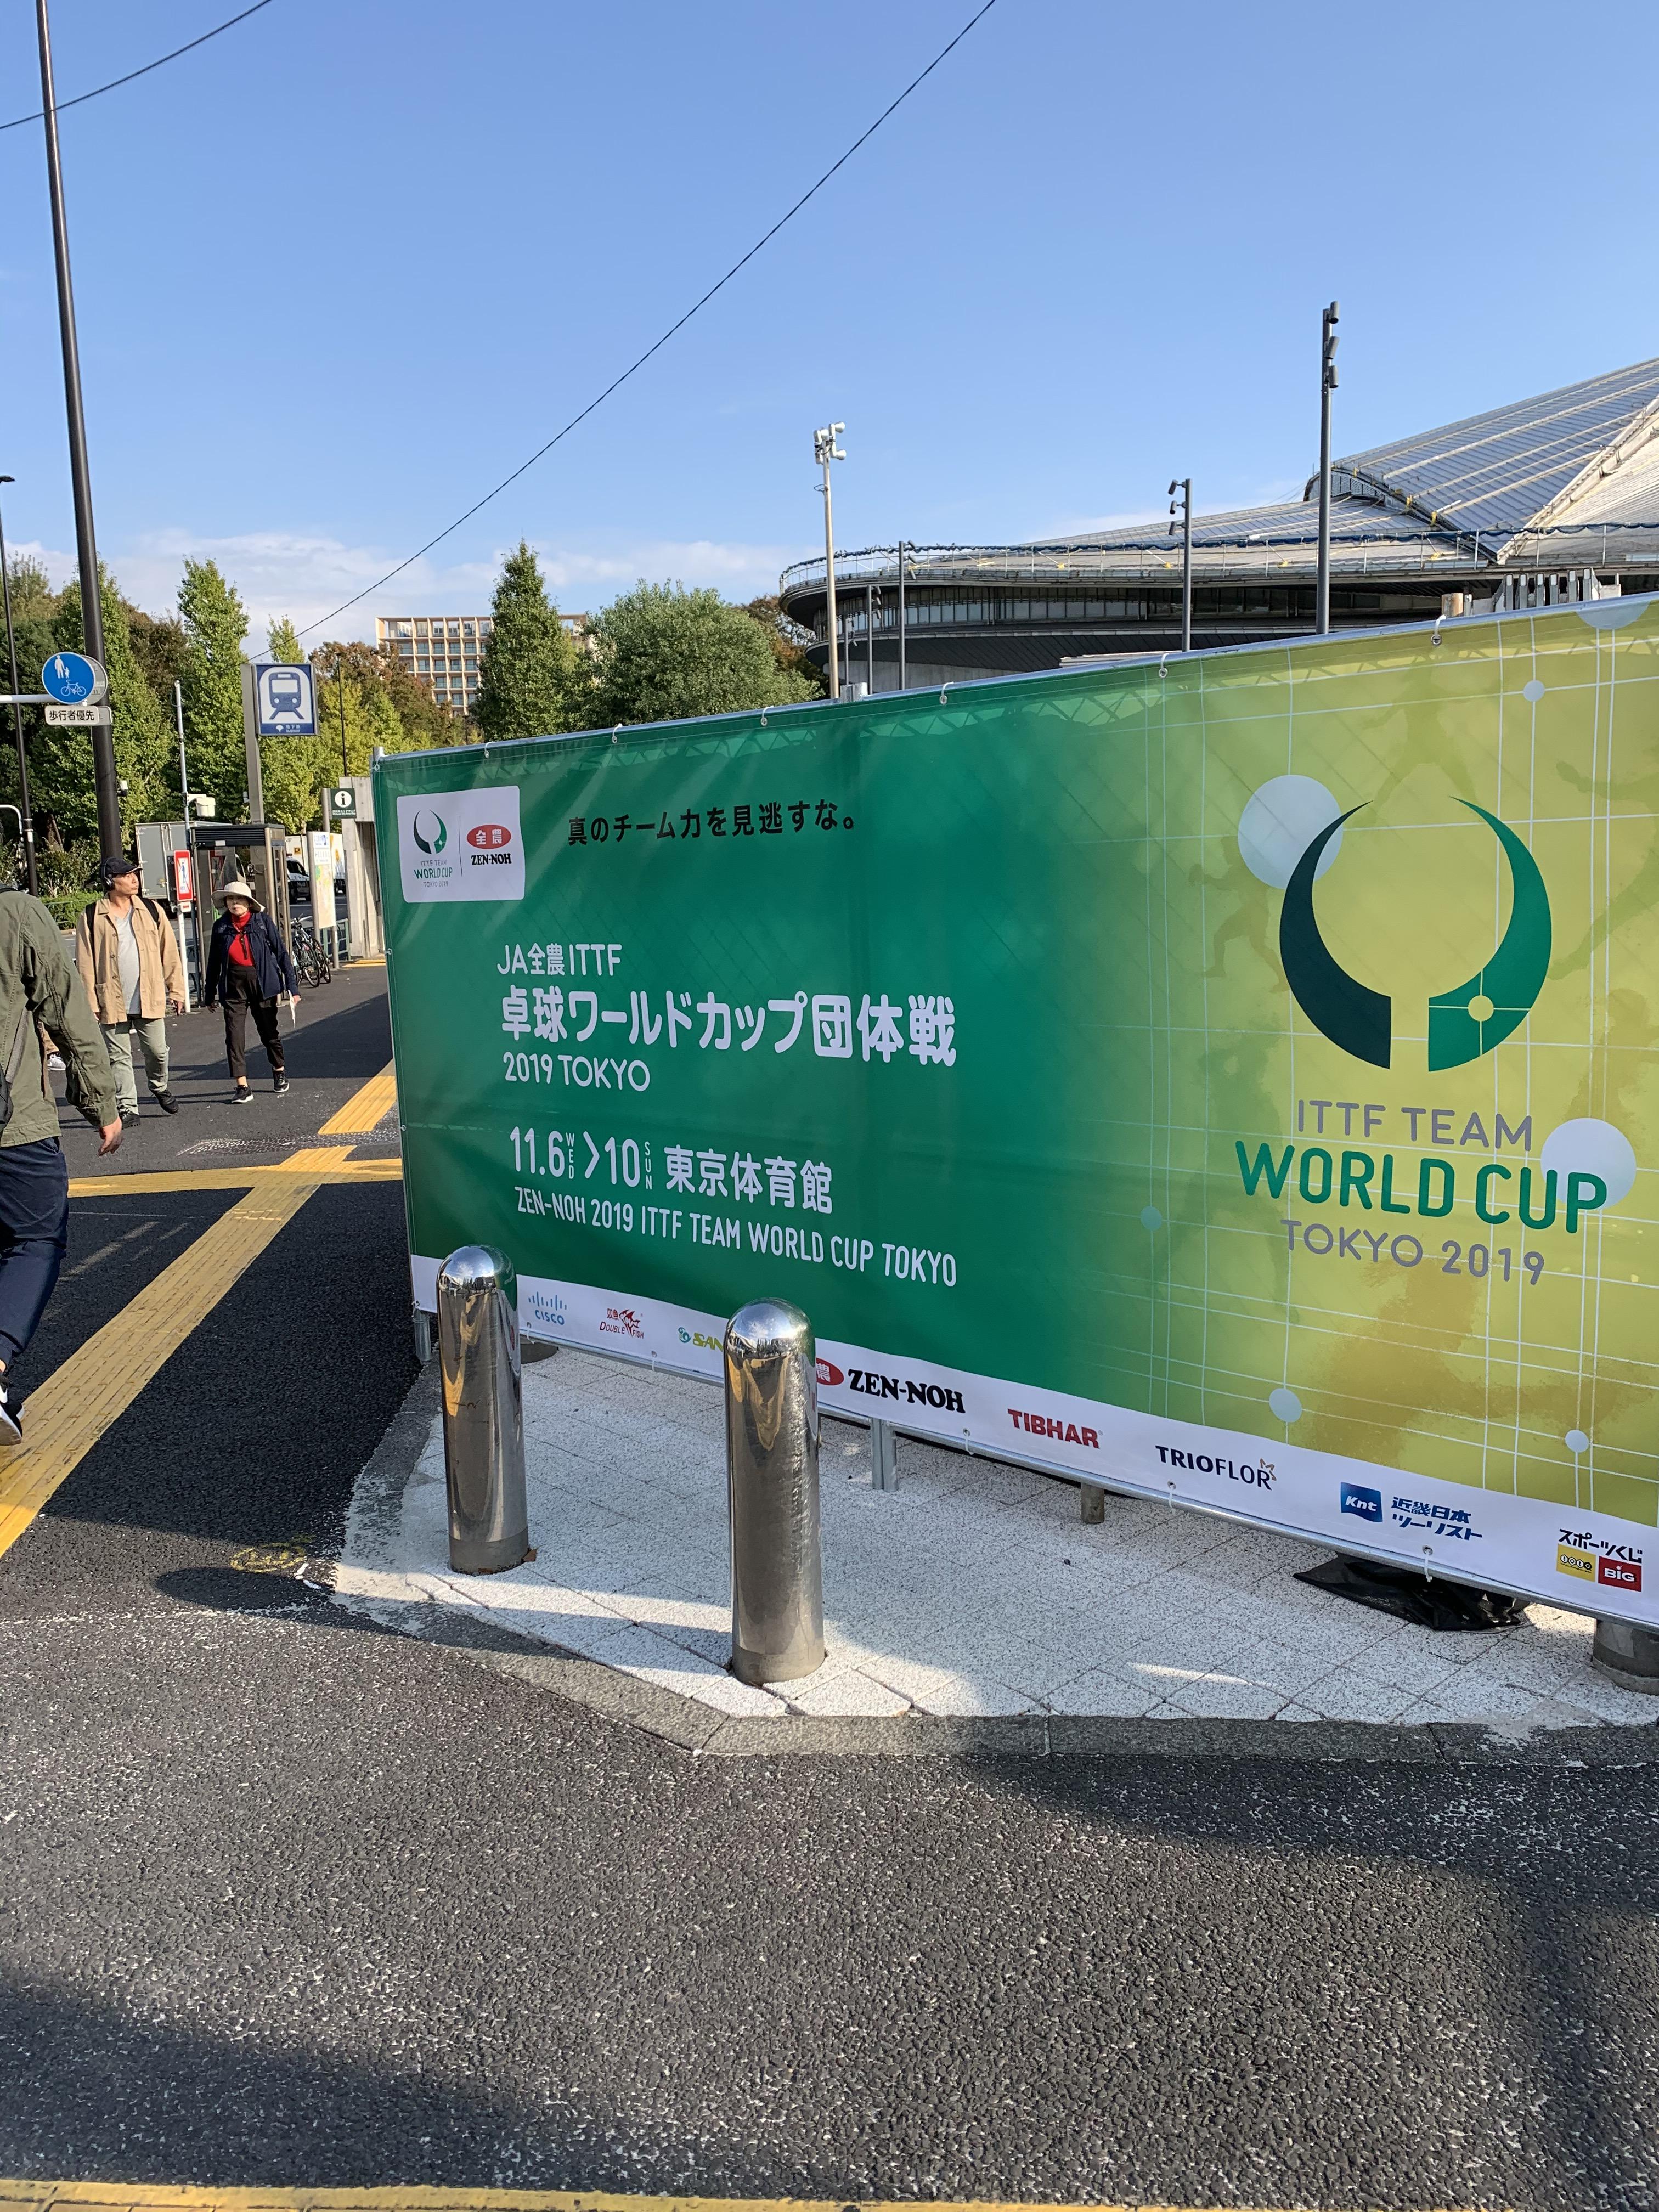 卓球ワールドカップ団体戦の準々決勝を観戦しに行きました